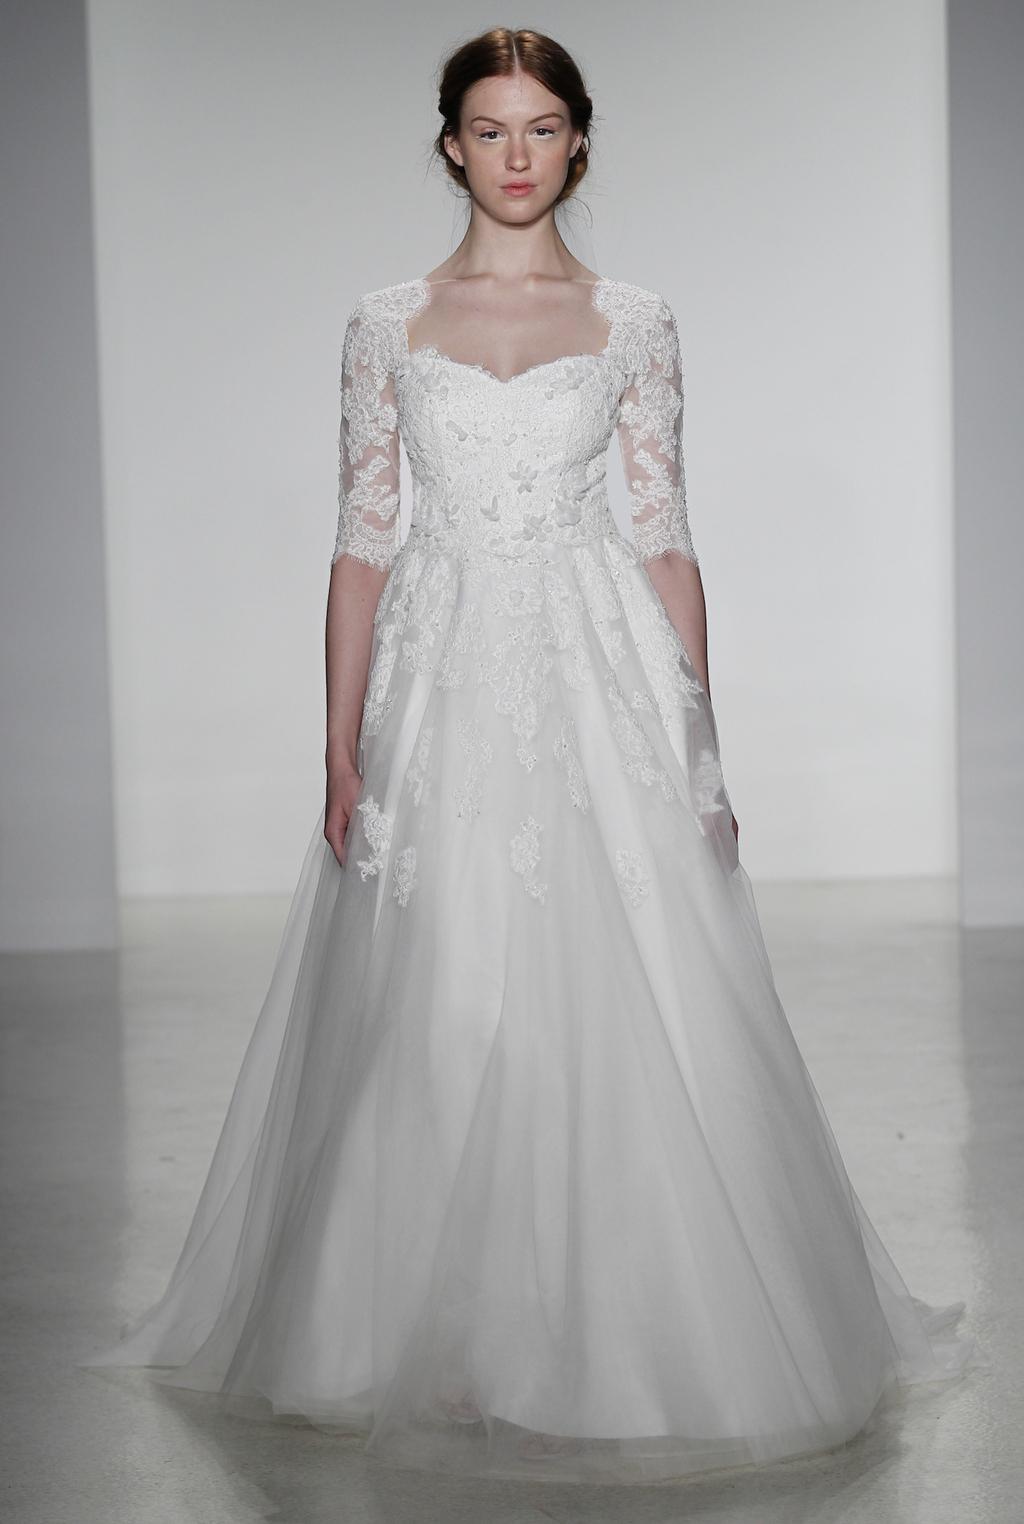 Lena-wedding-dress-by-kelly-faetanini-fall-2014-bridal.full